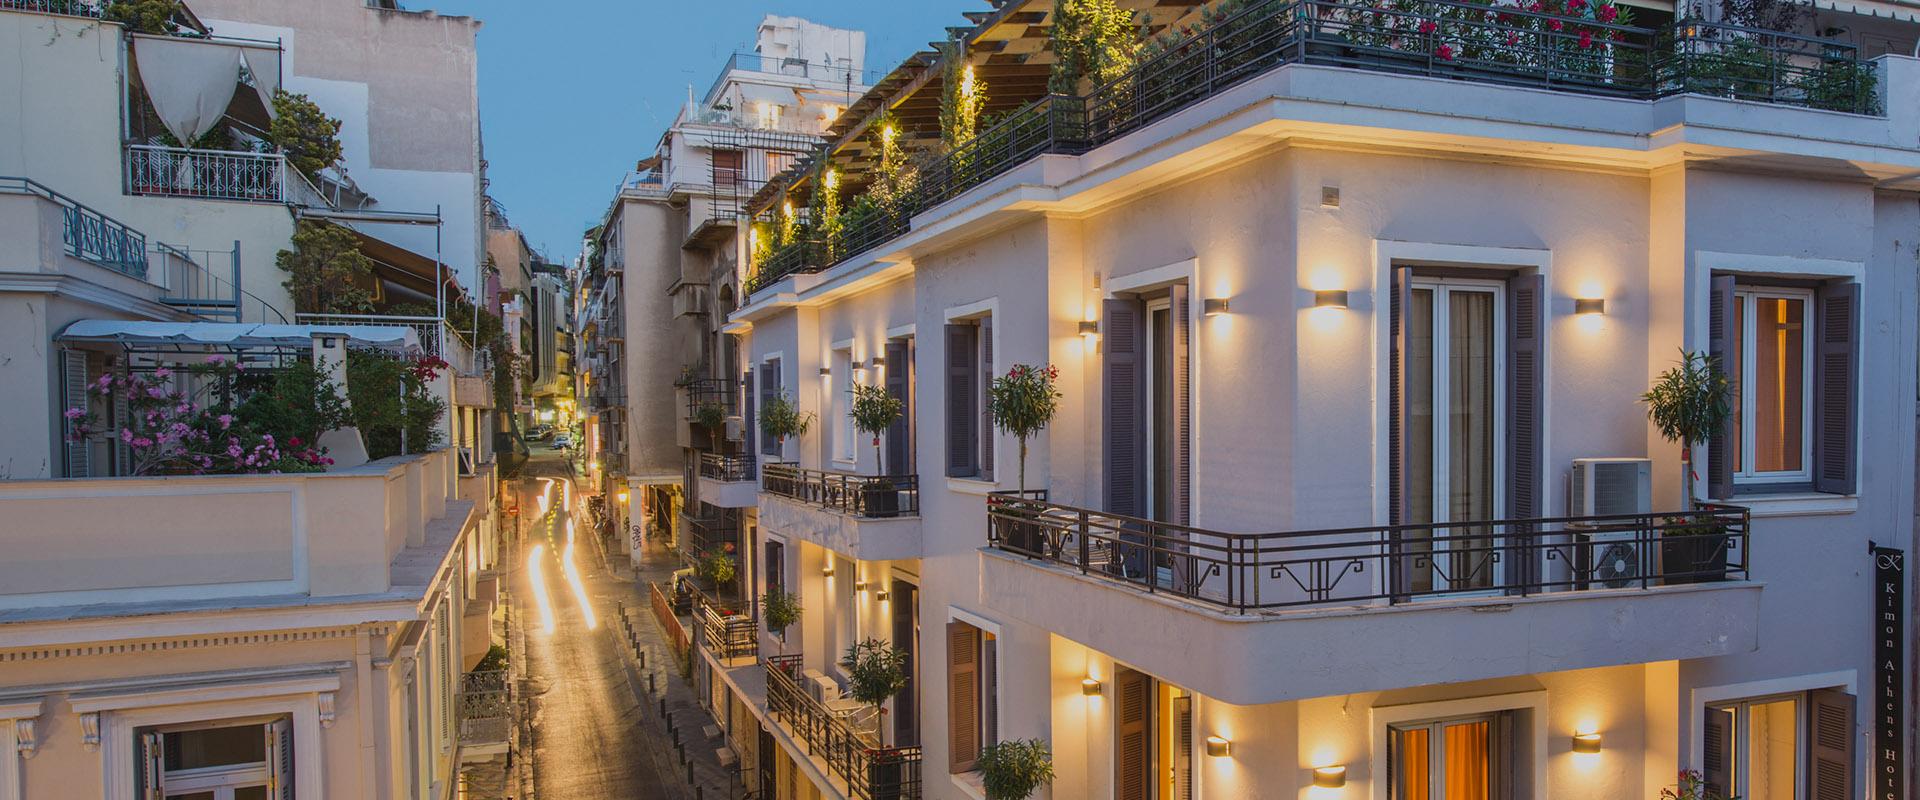 ξενοδοχεια αθηνα κεντρο - Kimon Hotel